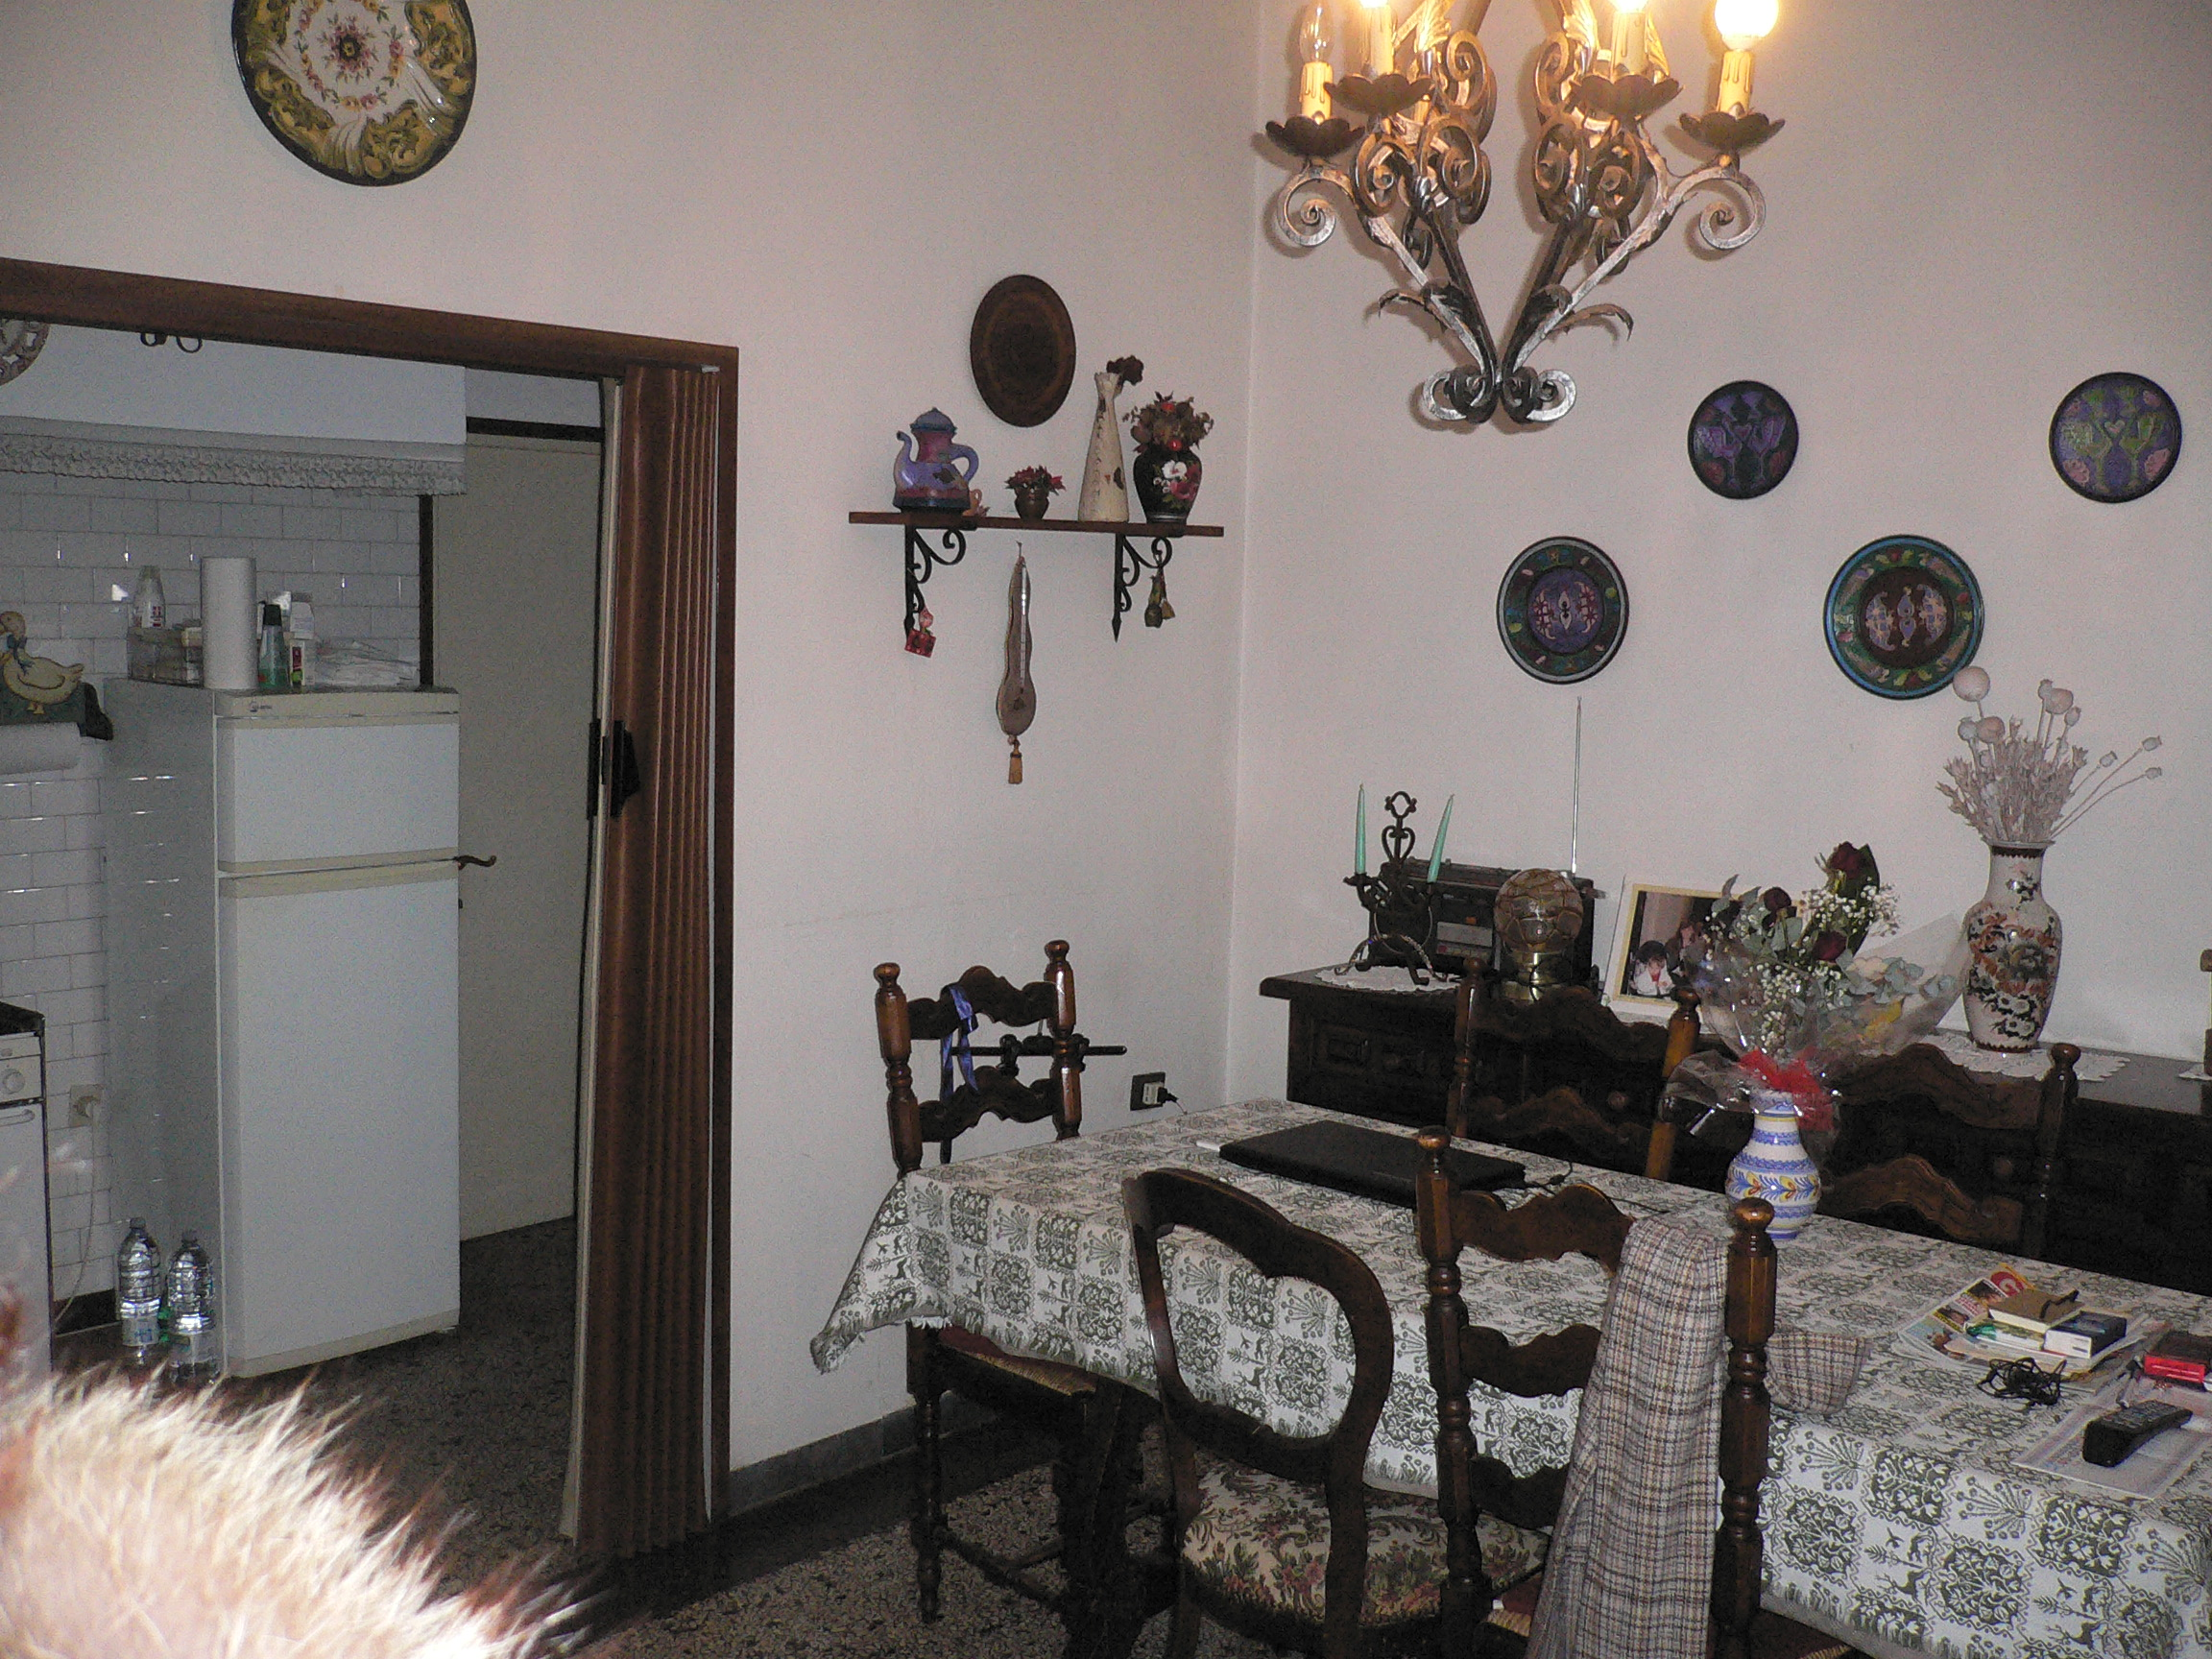 Casa indipendente in vendita a venezia agenzie - Classe energetica casa g ...